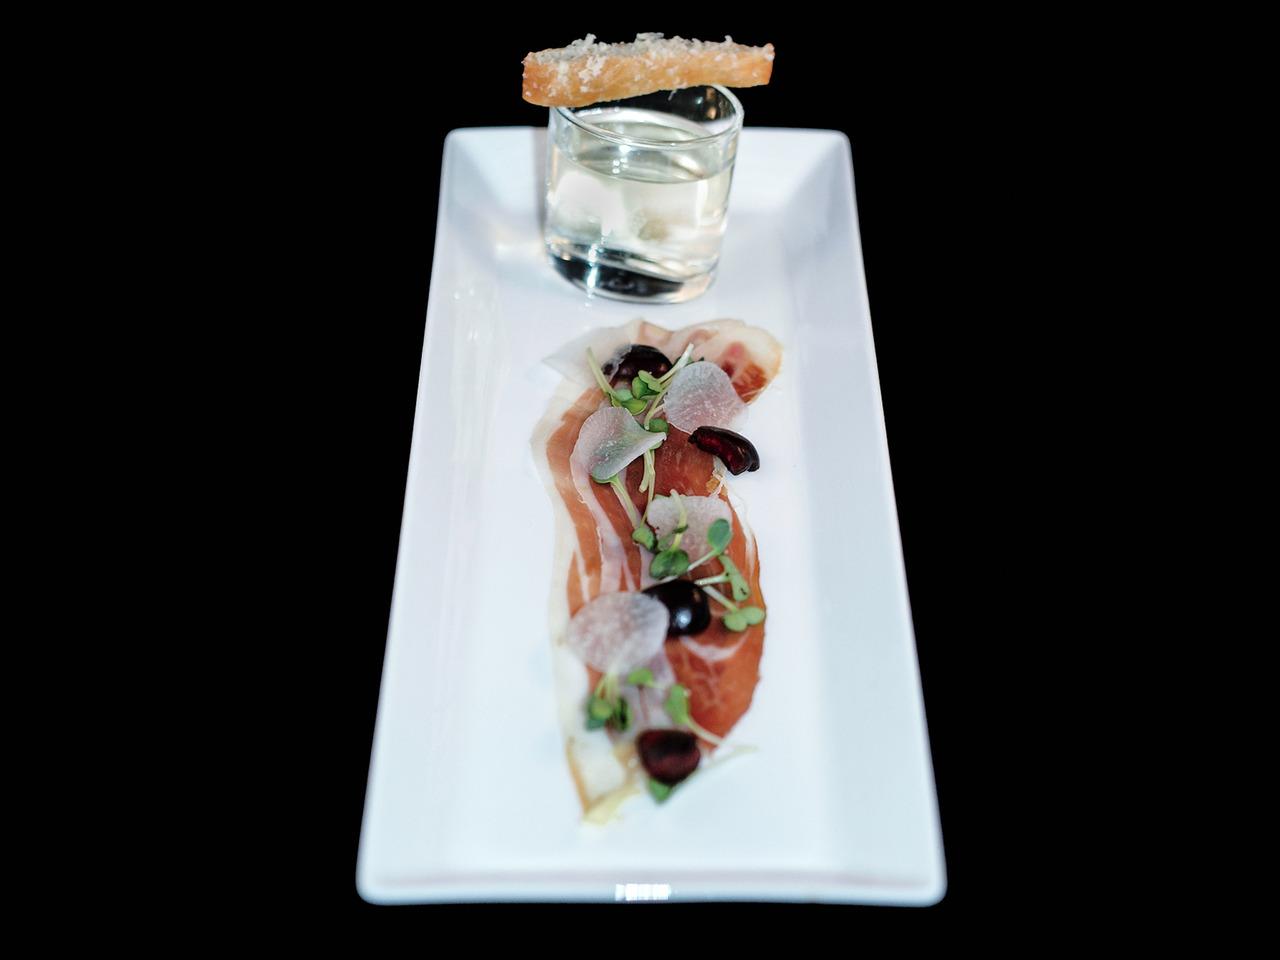 BOTTEGA'S PROSCUITTO & PROSECCO   prosecco - daikon radish - fried foccacia    Our take on Michael Chiarello's classic dish.